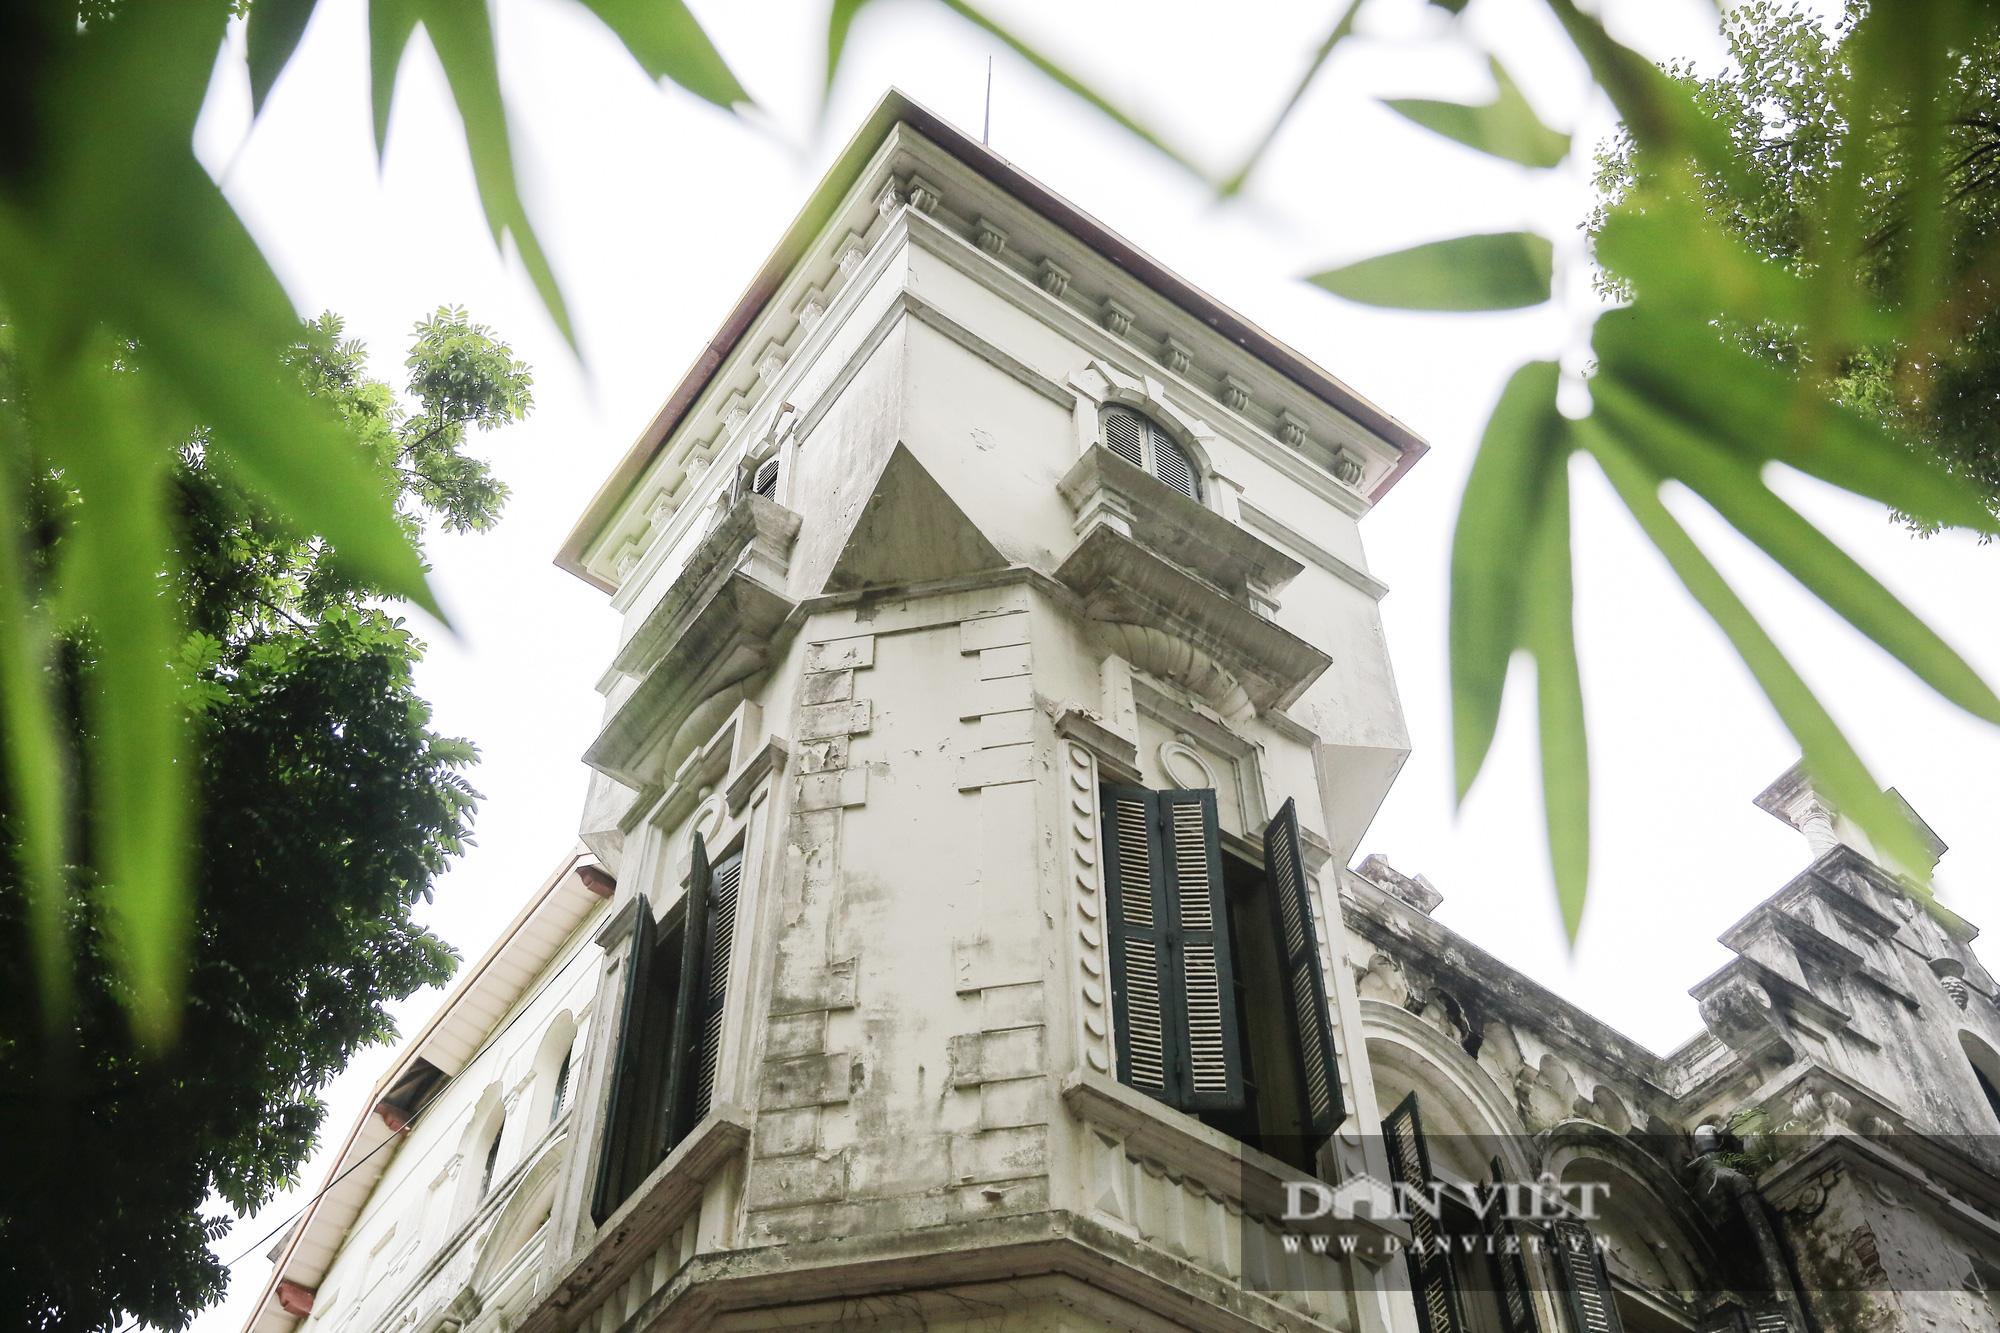 Khám phá dinh thự thứ 8 rộng 2000m2 của vua Bảo Đại tại Hà Nội - Ảnh 4.